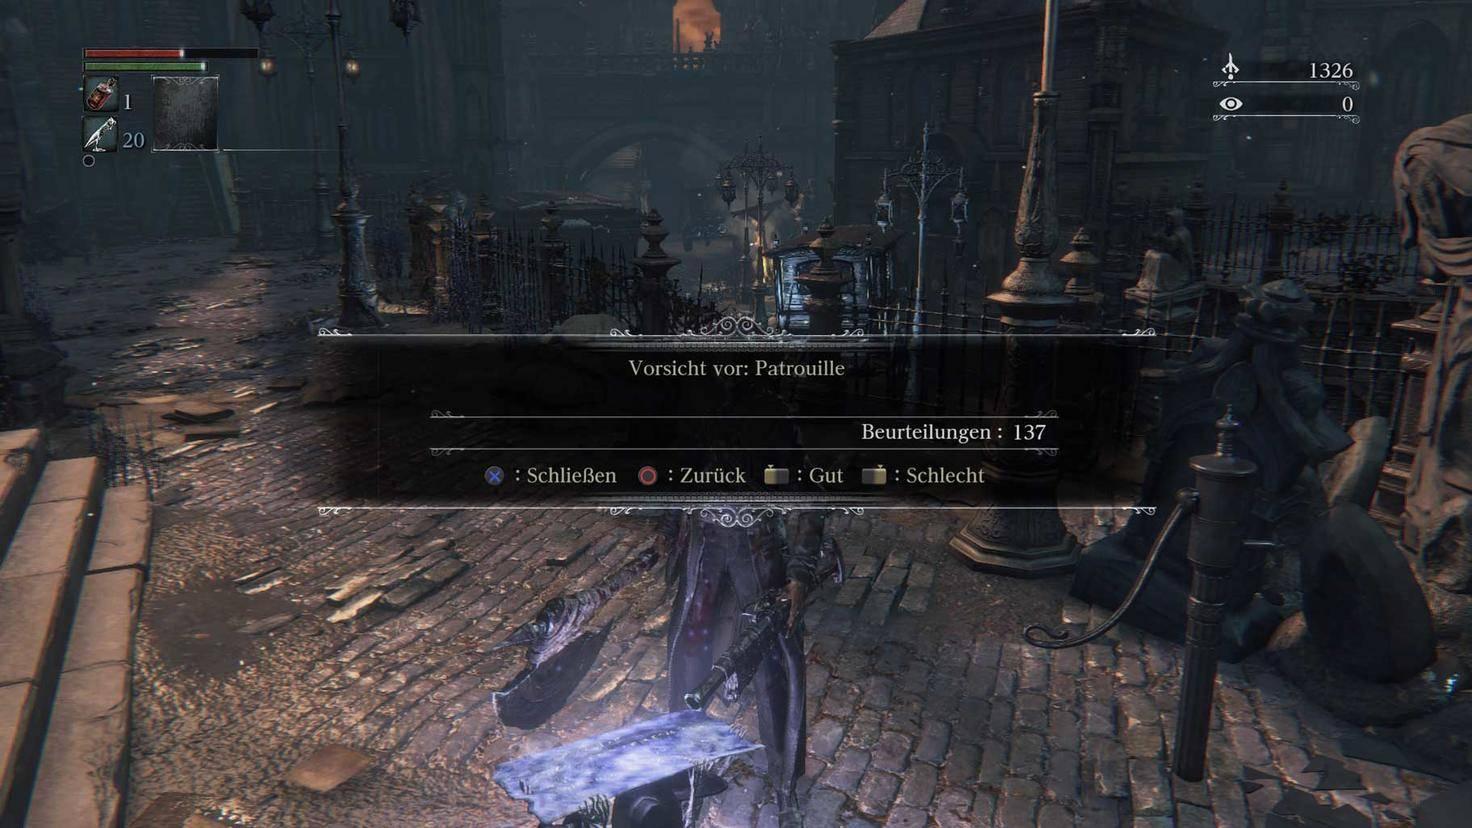 Mal mehr, mal weniger hilfreich: In der Spielwelt können Botschaften hinterlegt werden.